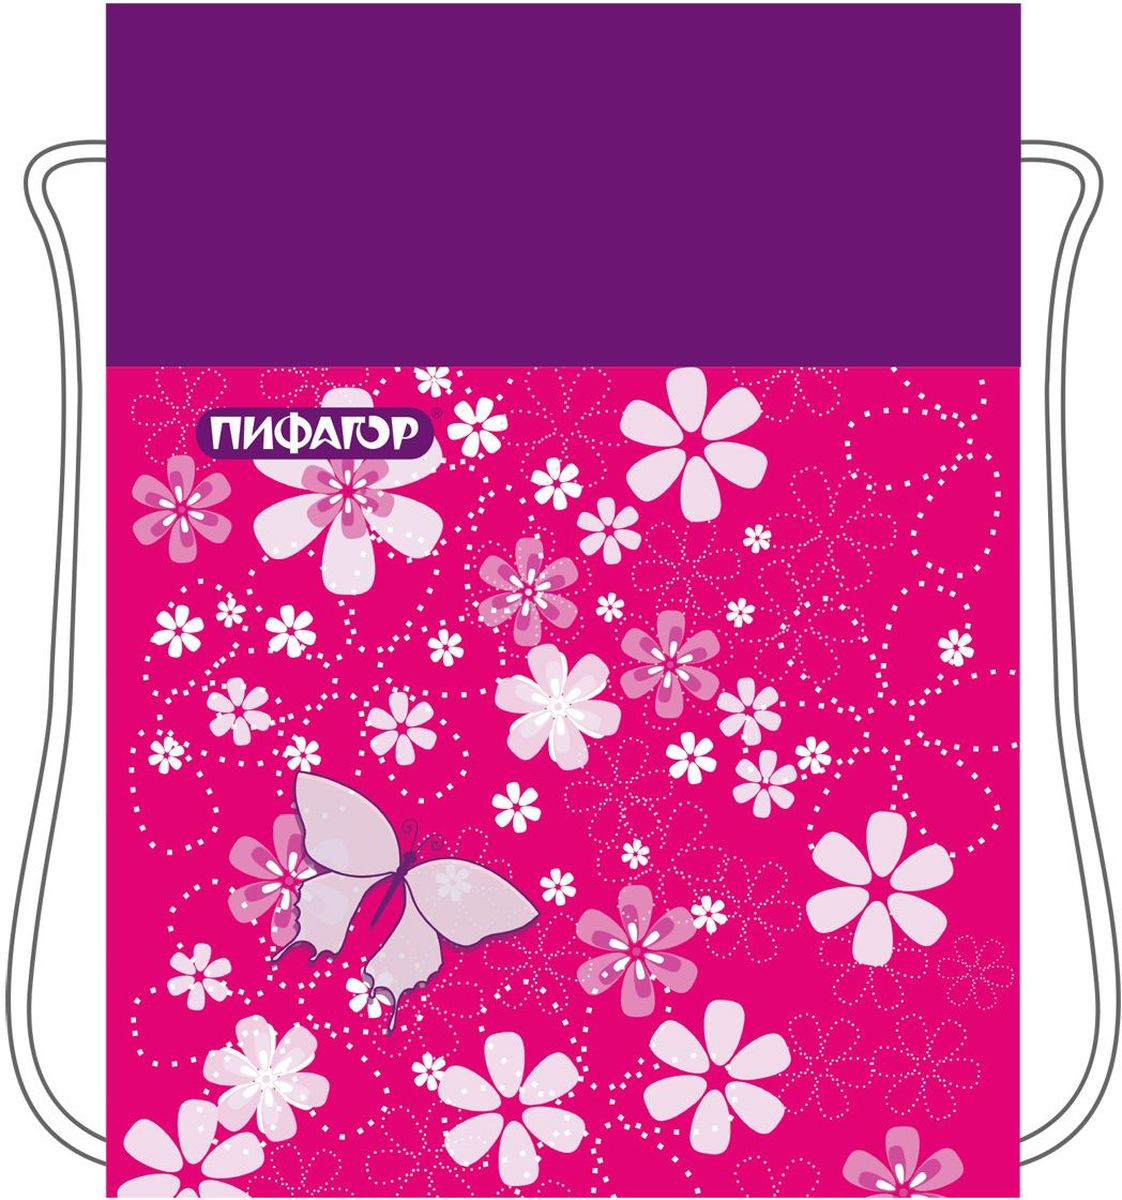 Пифагор Сумка для детской обуви Бабочки цвет розовый226525Сумка для обуви Пифагор предназначена для детей 7-10 лет. Вместительная сумка затягивается шнурком. Яркий тематический принт поможет школьнику проявить индивидуальность.Водоотталкивающая пропитка ткани.